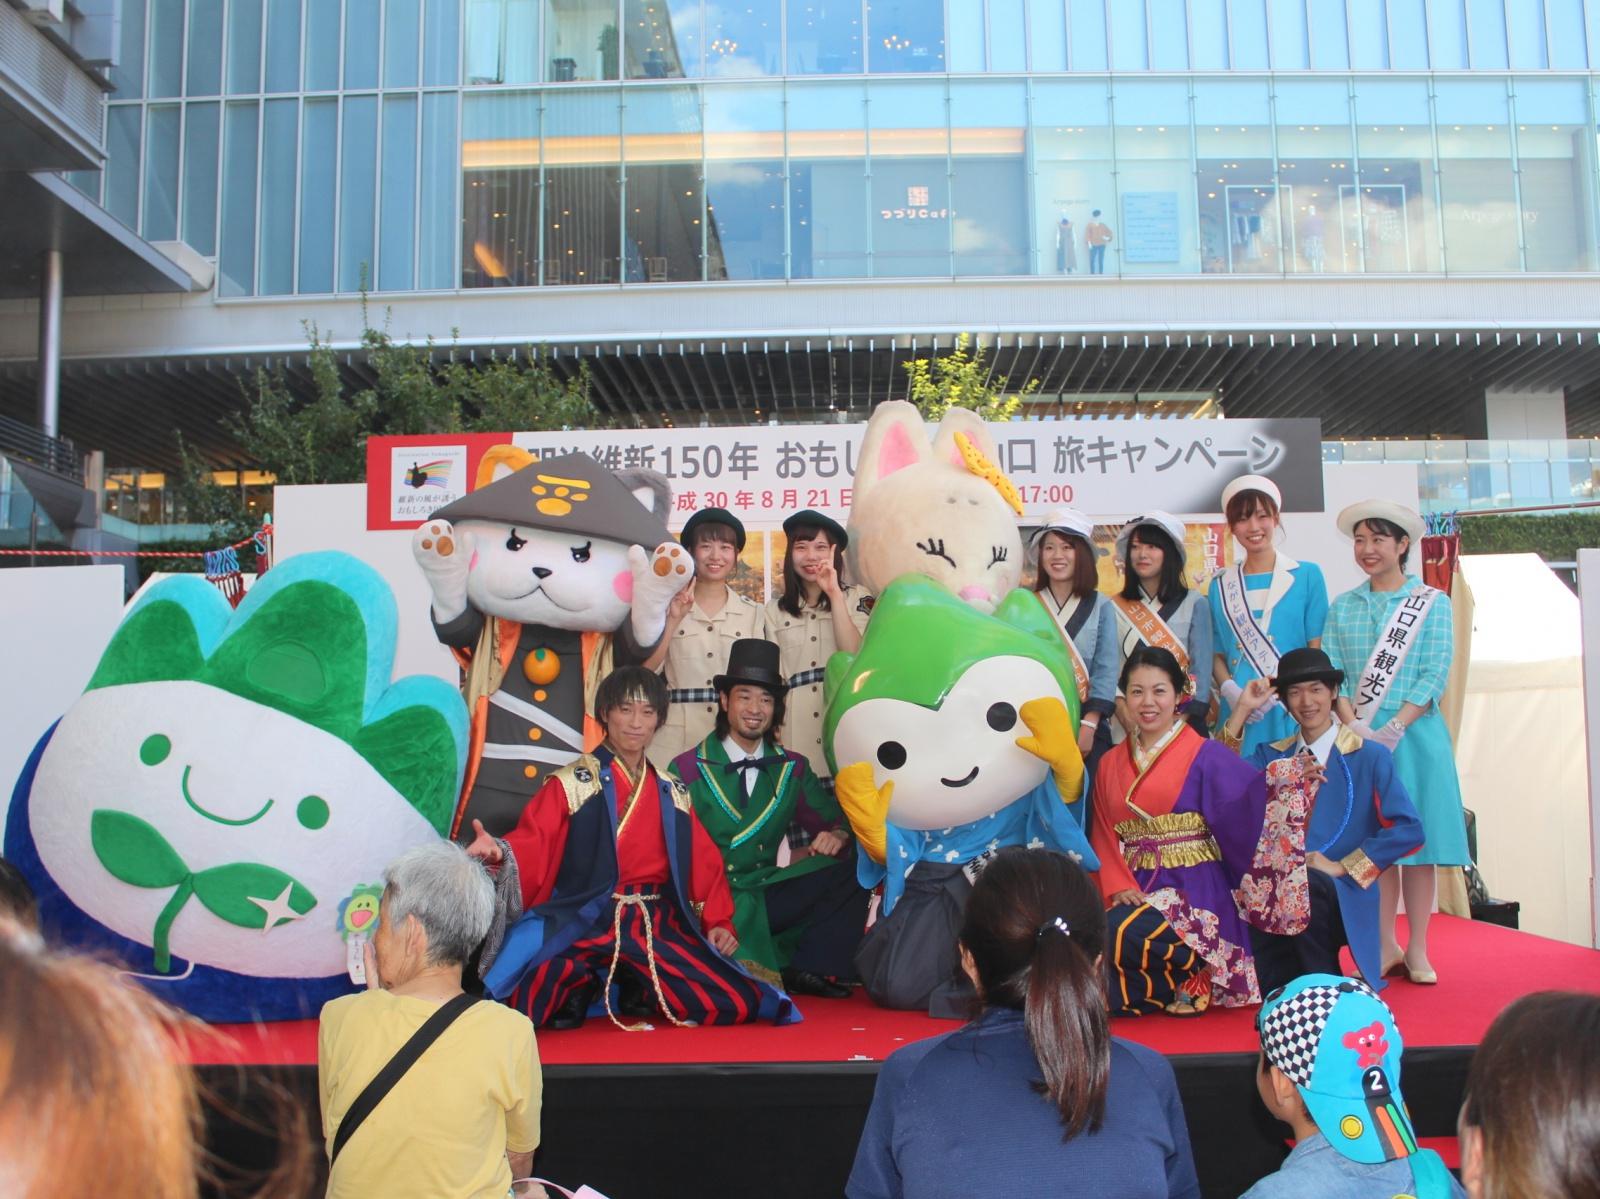 「明治維新150年 おもしろき国山口旅キャンペーンin福岡」に行ってきたよ☆彡